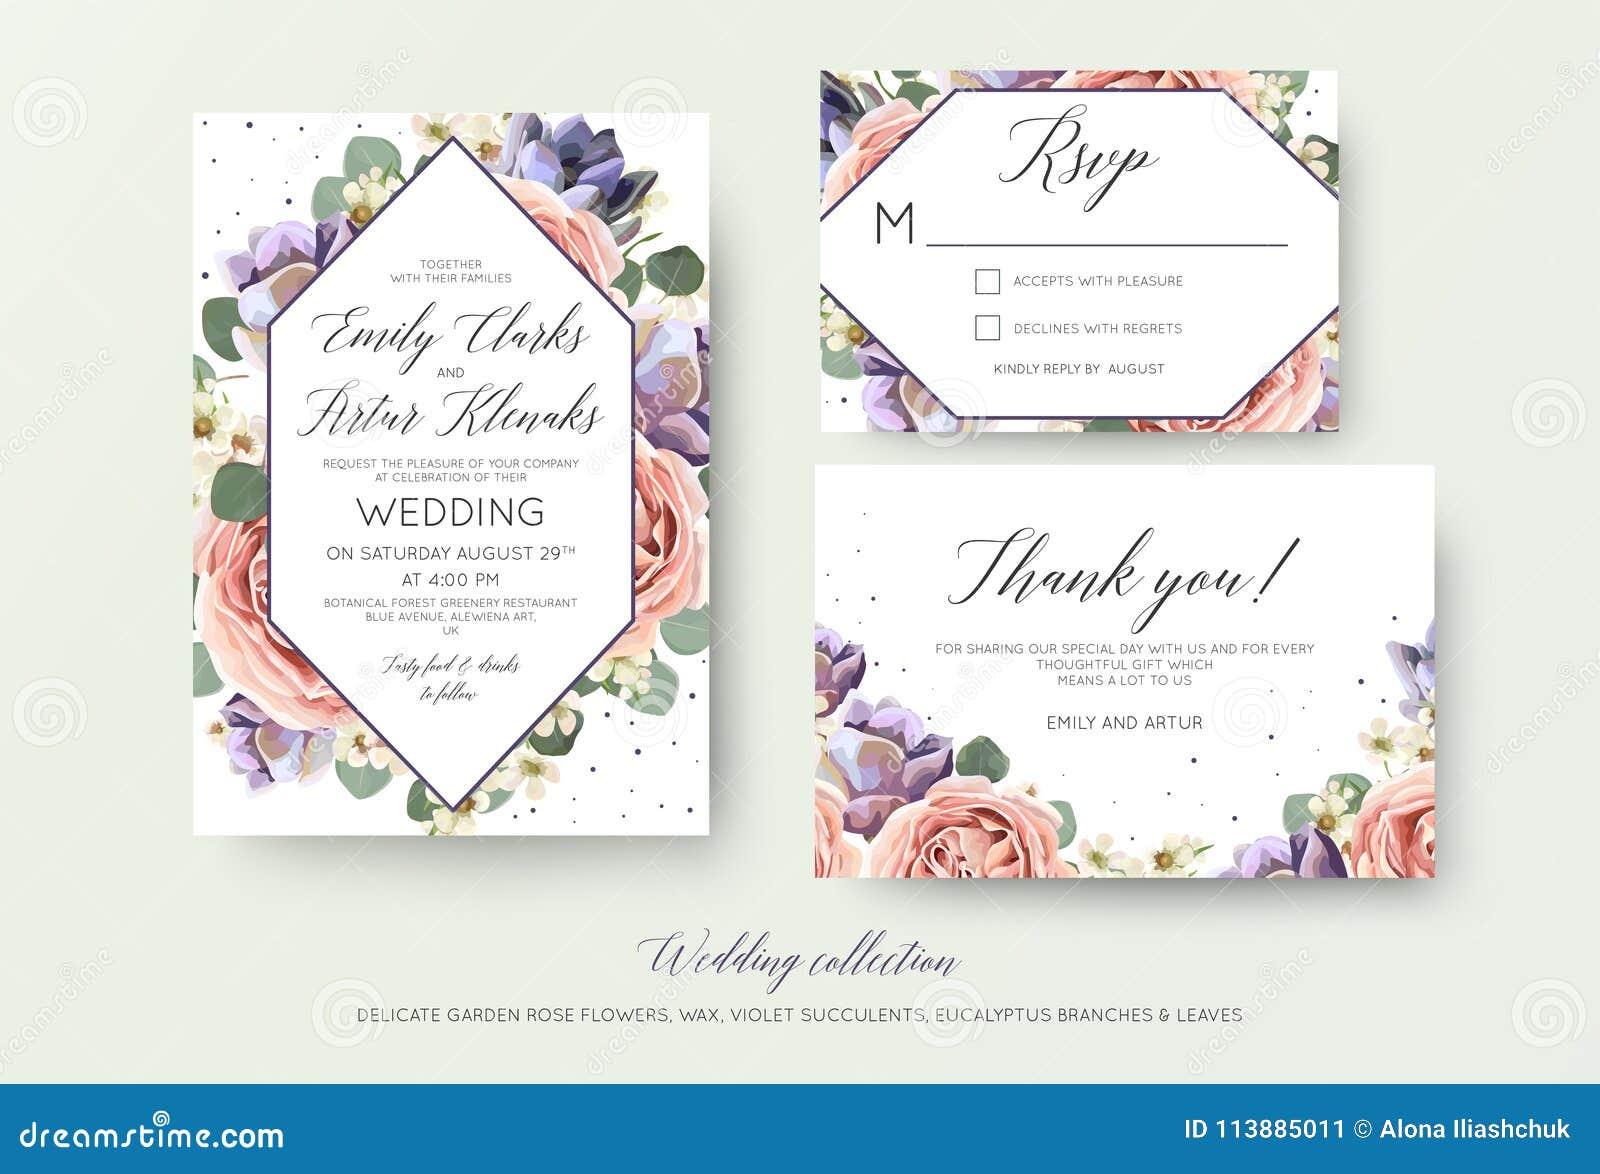 Wedding floral invitation, rsvp, thank you card elegant botanical design with lavender pink garden rose flowers, violet succulent